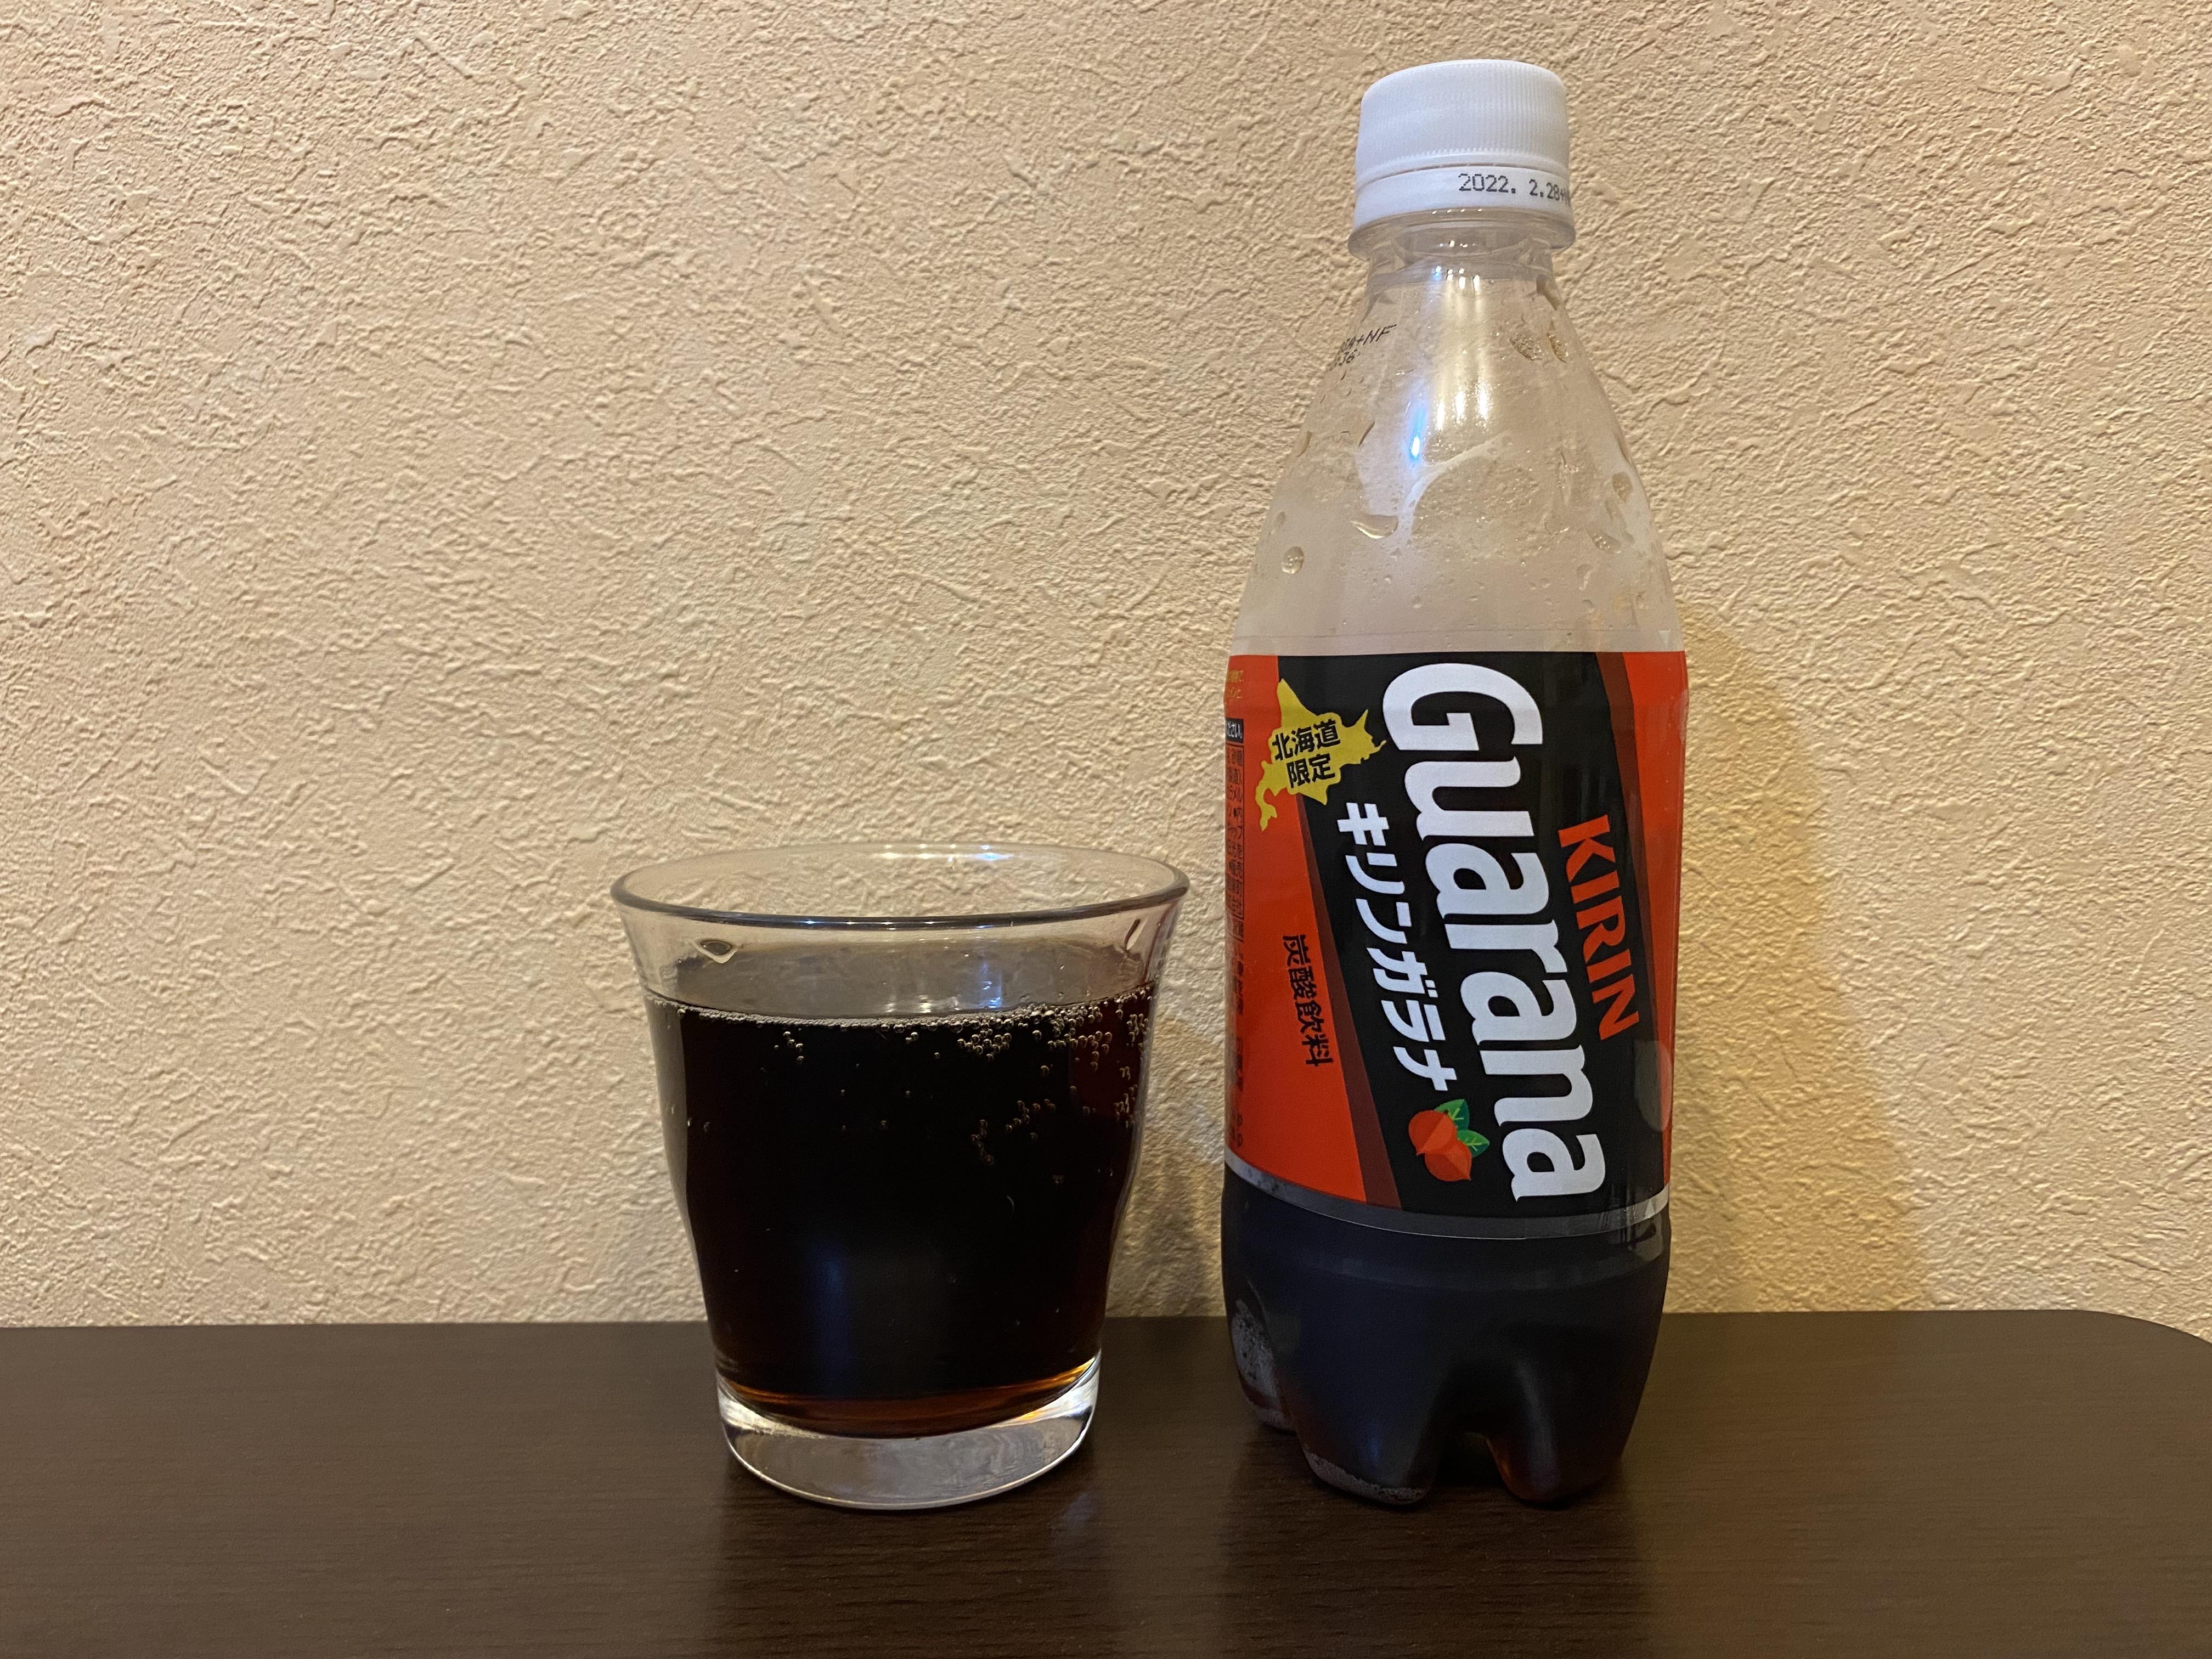 ガラナ飲料